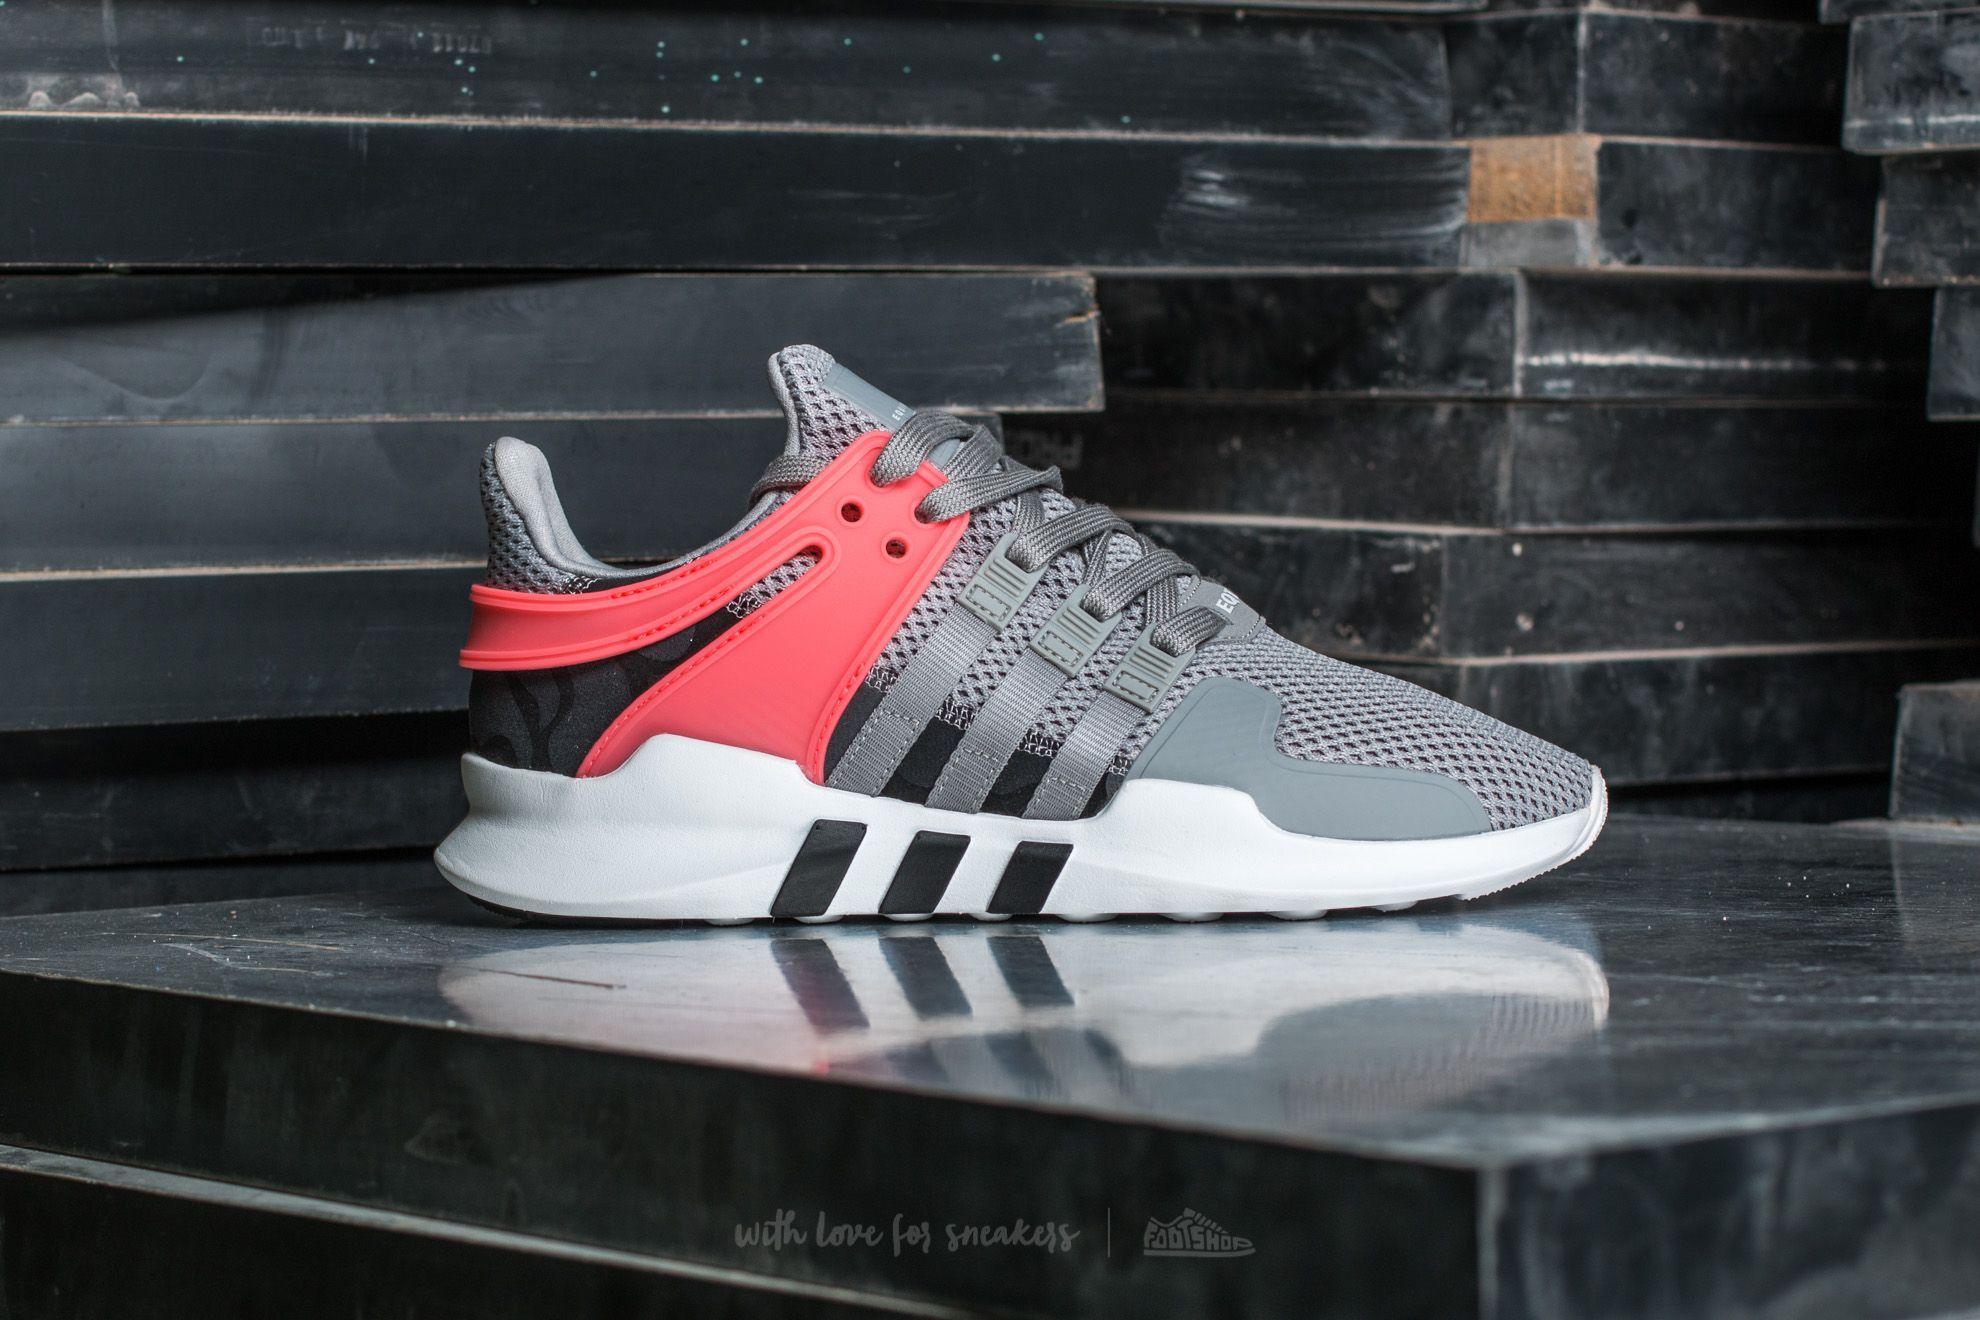 ADIDAS EQT EQT EQT SUPPORT ADV CAMO PACK Sneakerhead 939998